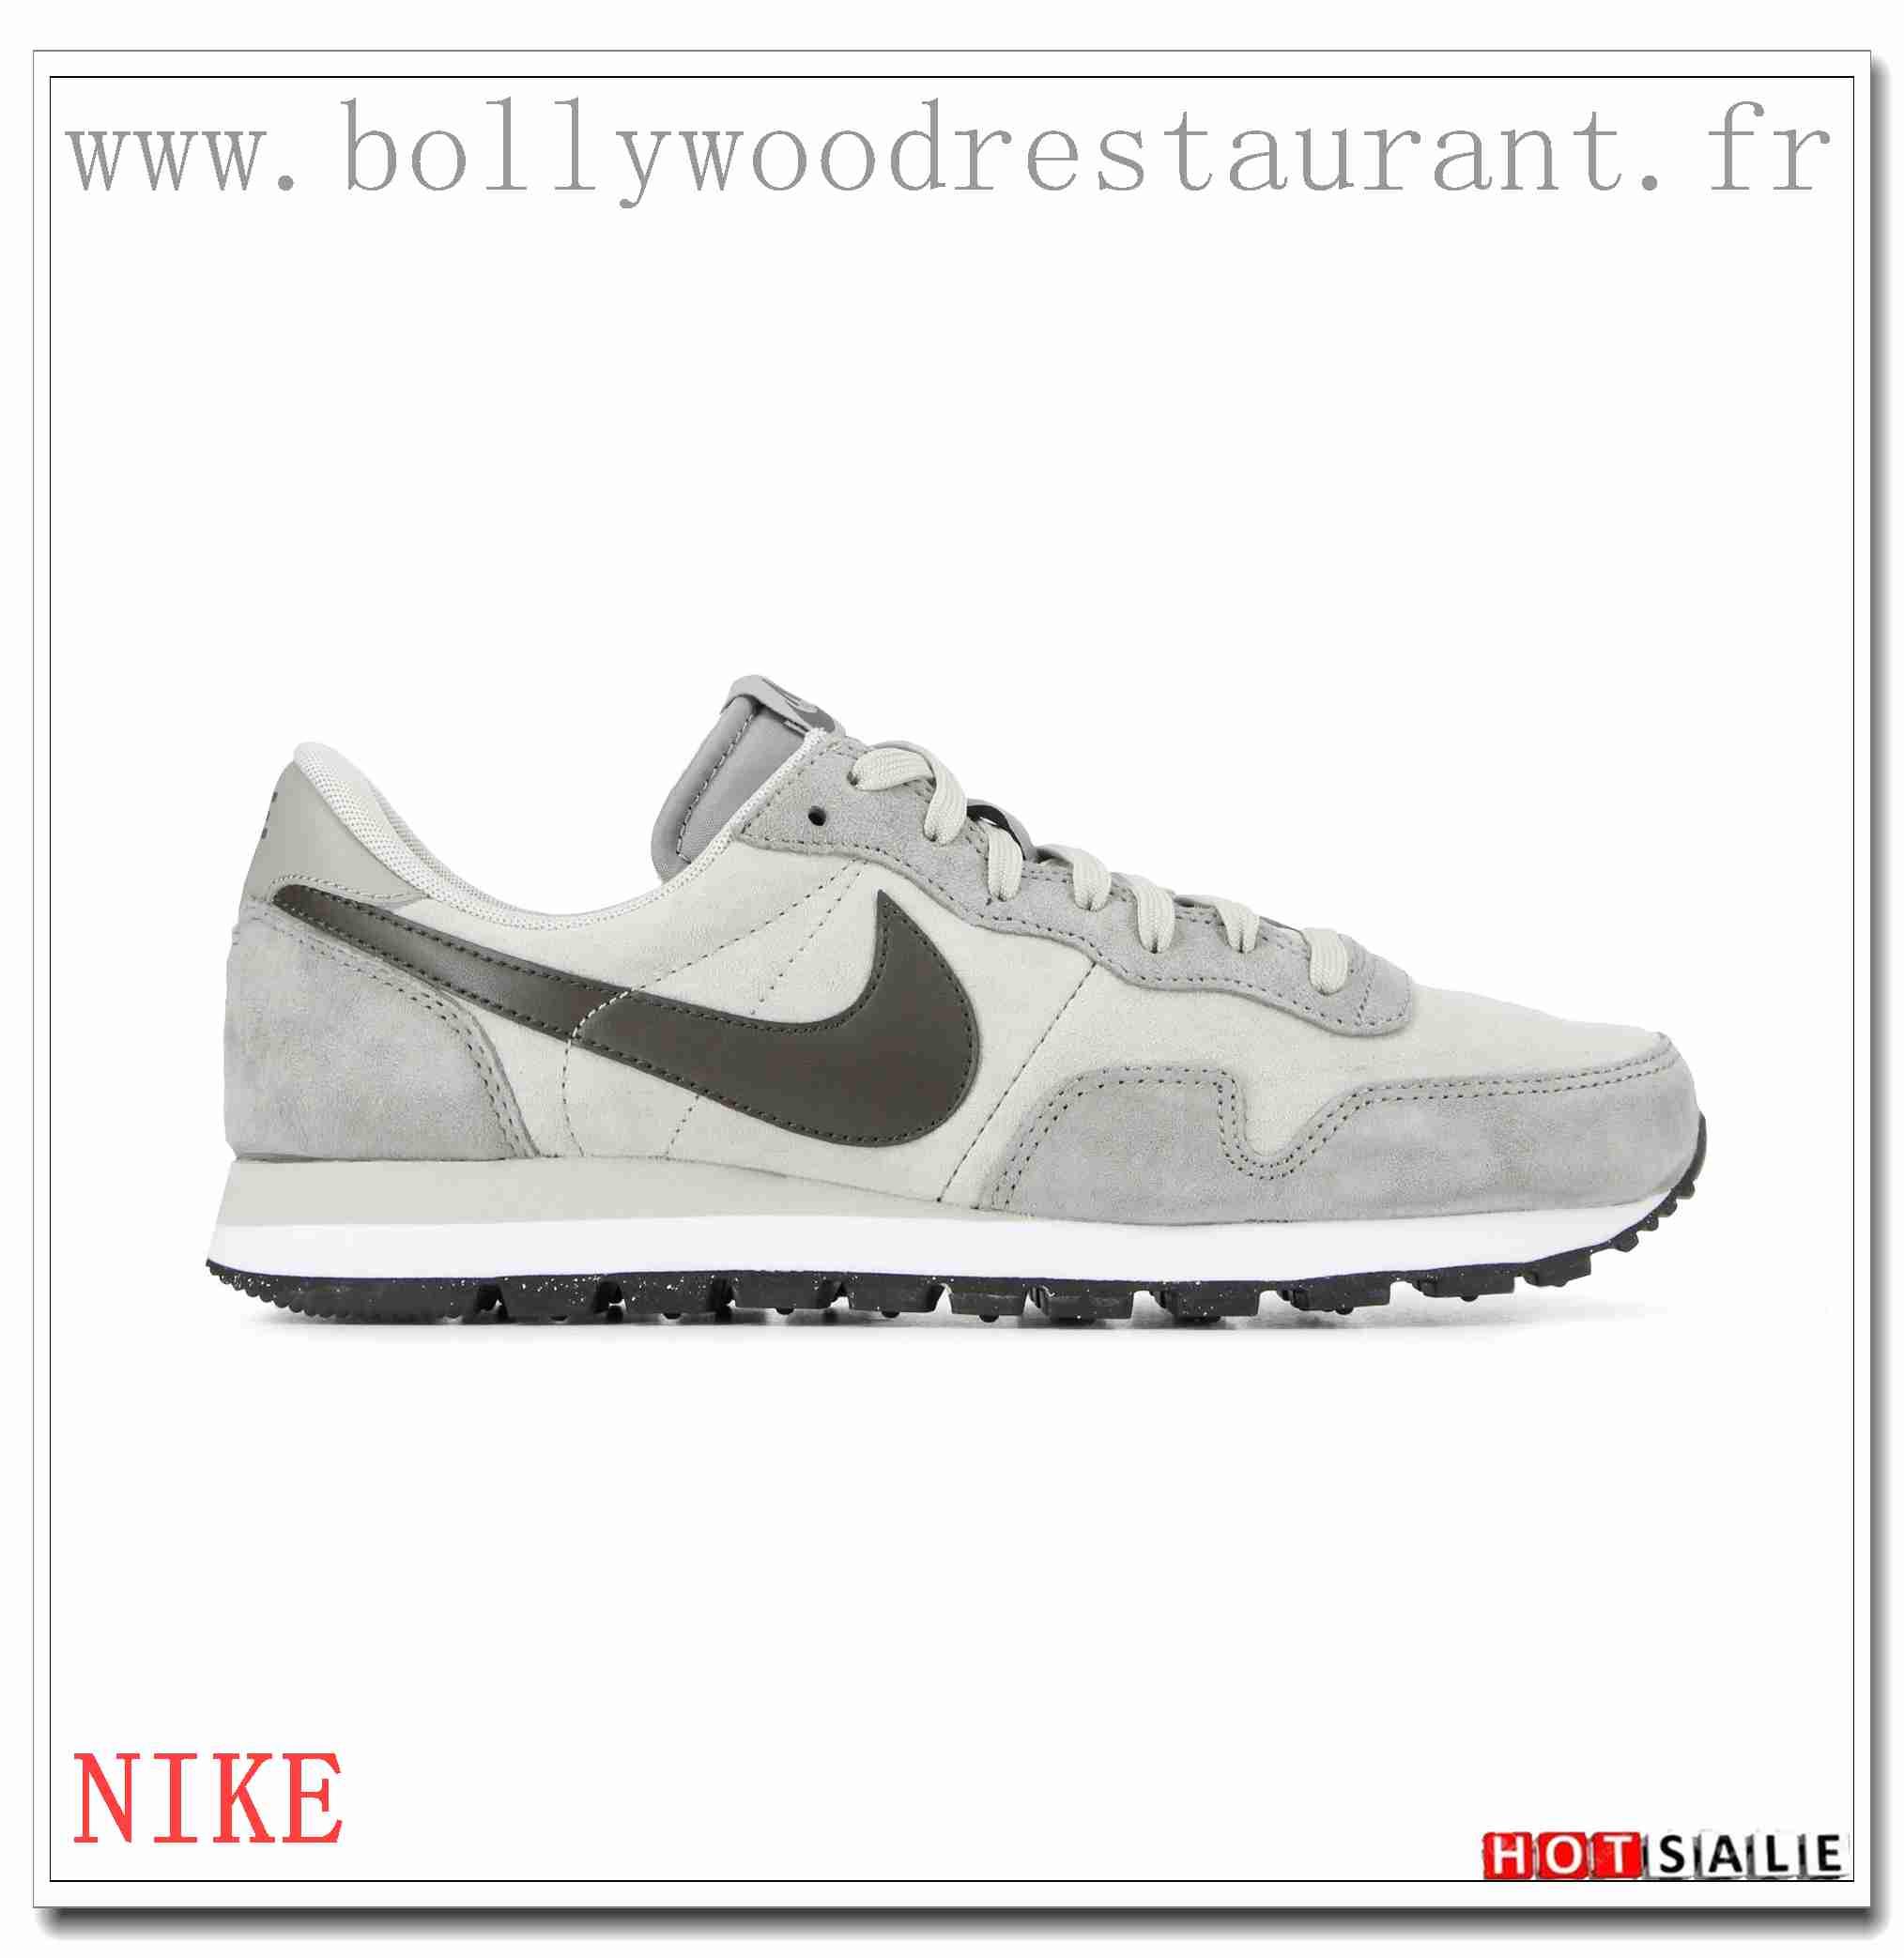 best website c8a60 a4d1f RS3622 Les meilleures marques 2018 Nouveau style Nike Air Pegasus 83 - Homme  Chaussures - Promotions